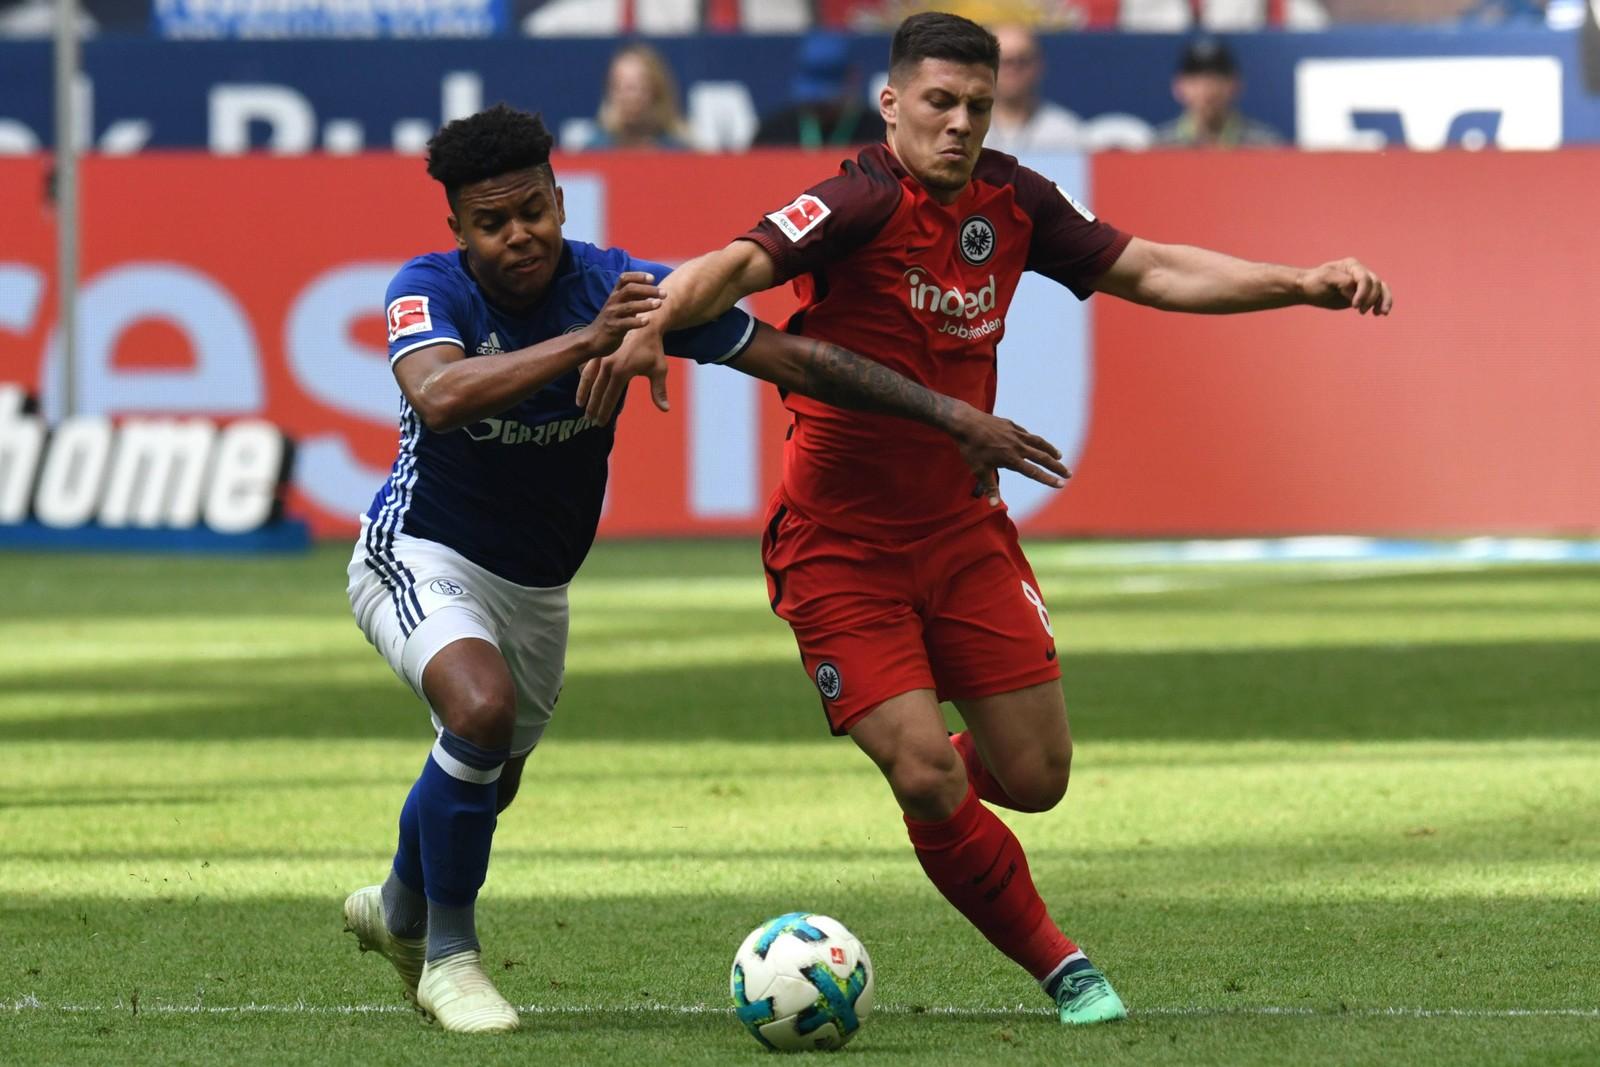 Setzt Luka Jovic seine Erfolgsserie mit der Eintracht fort? Jetzt auf Frankfurt gegen Schalke wetten!